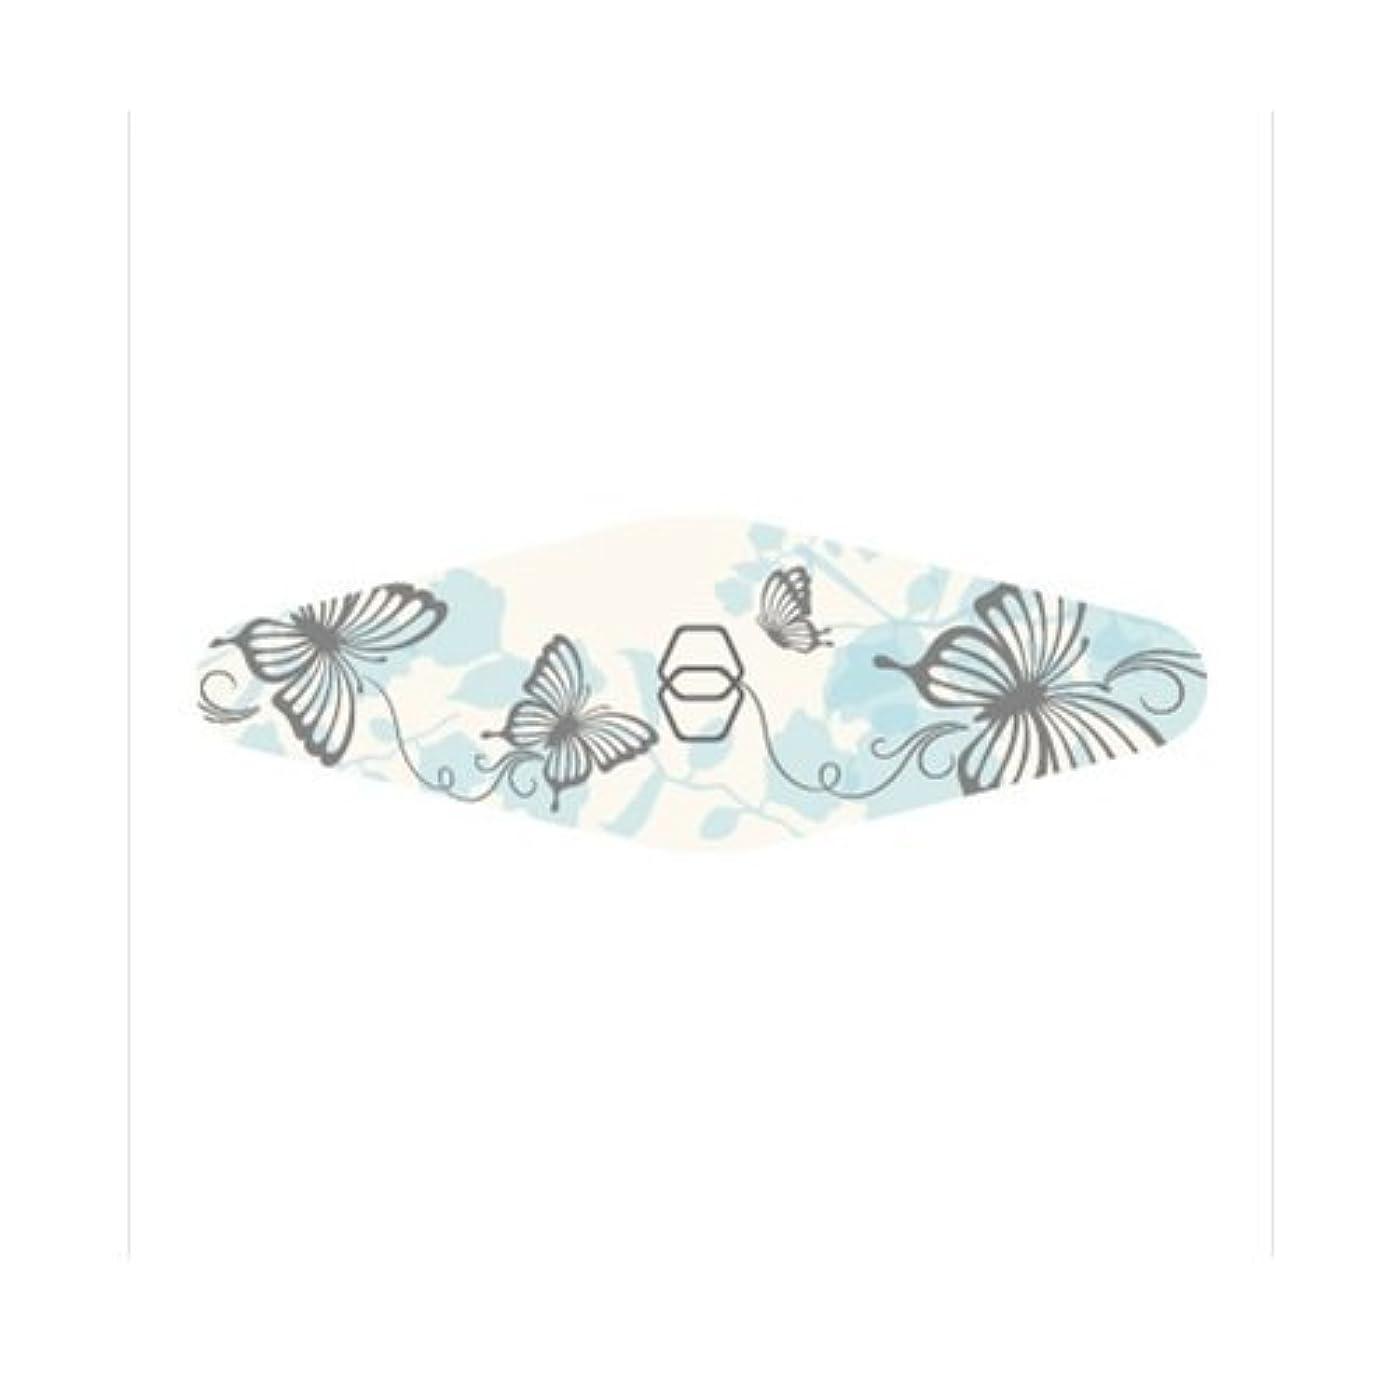 合併症買う無実ダイヤモンドネイルファイル キャリー ブルー蝶々